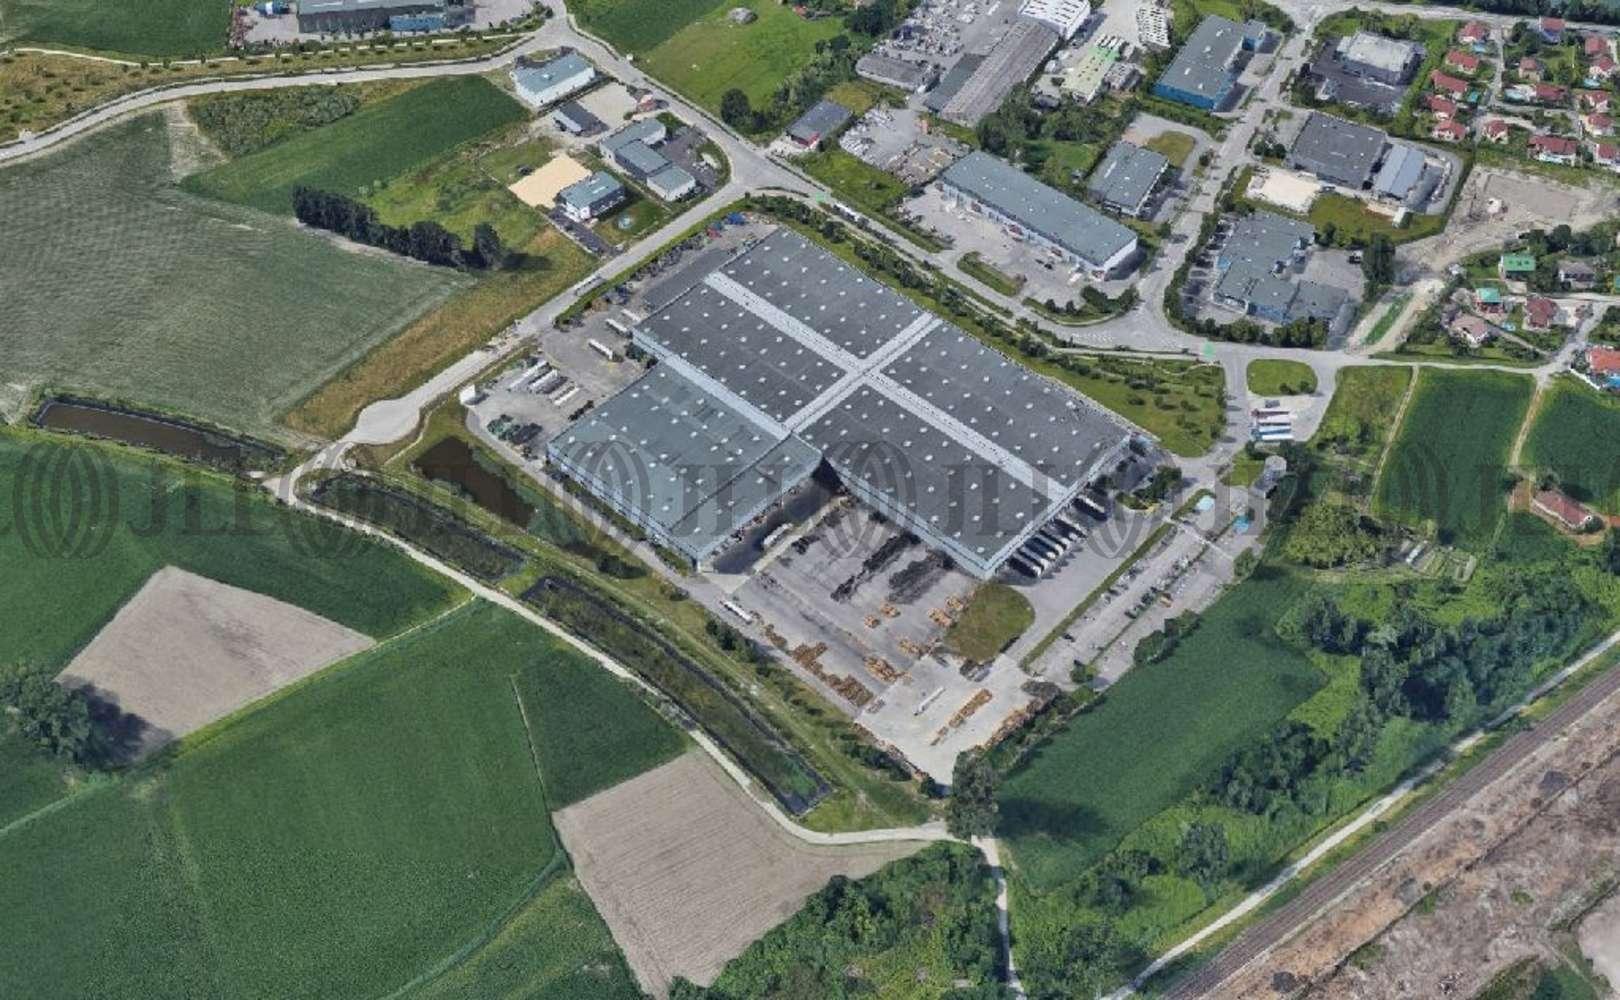 Plateformes logistiques Le versoud, 38420 - Achat / Location entrepot Lyon Est (38) - 9923847